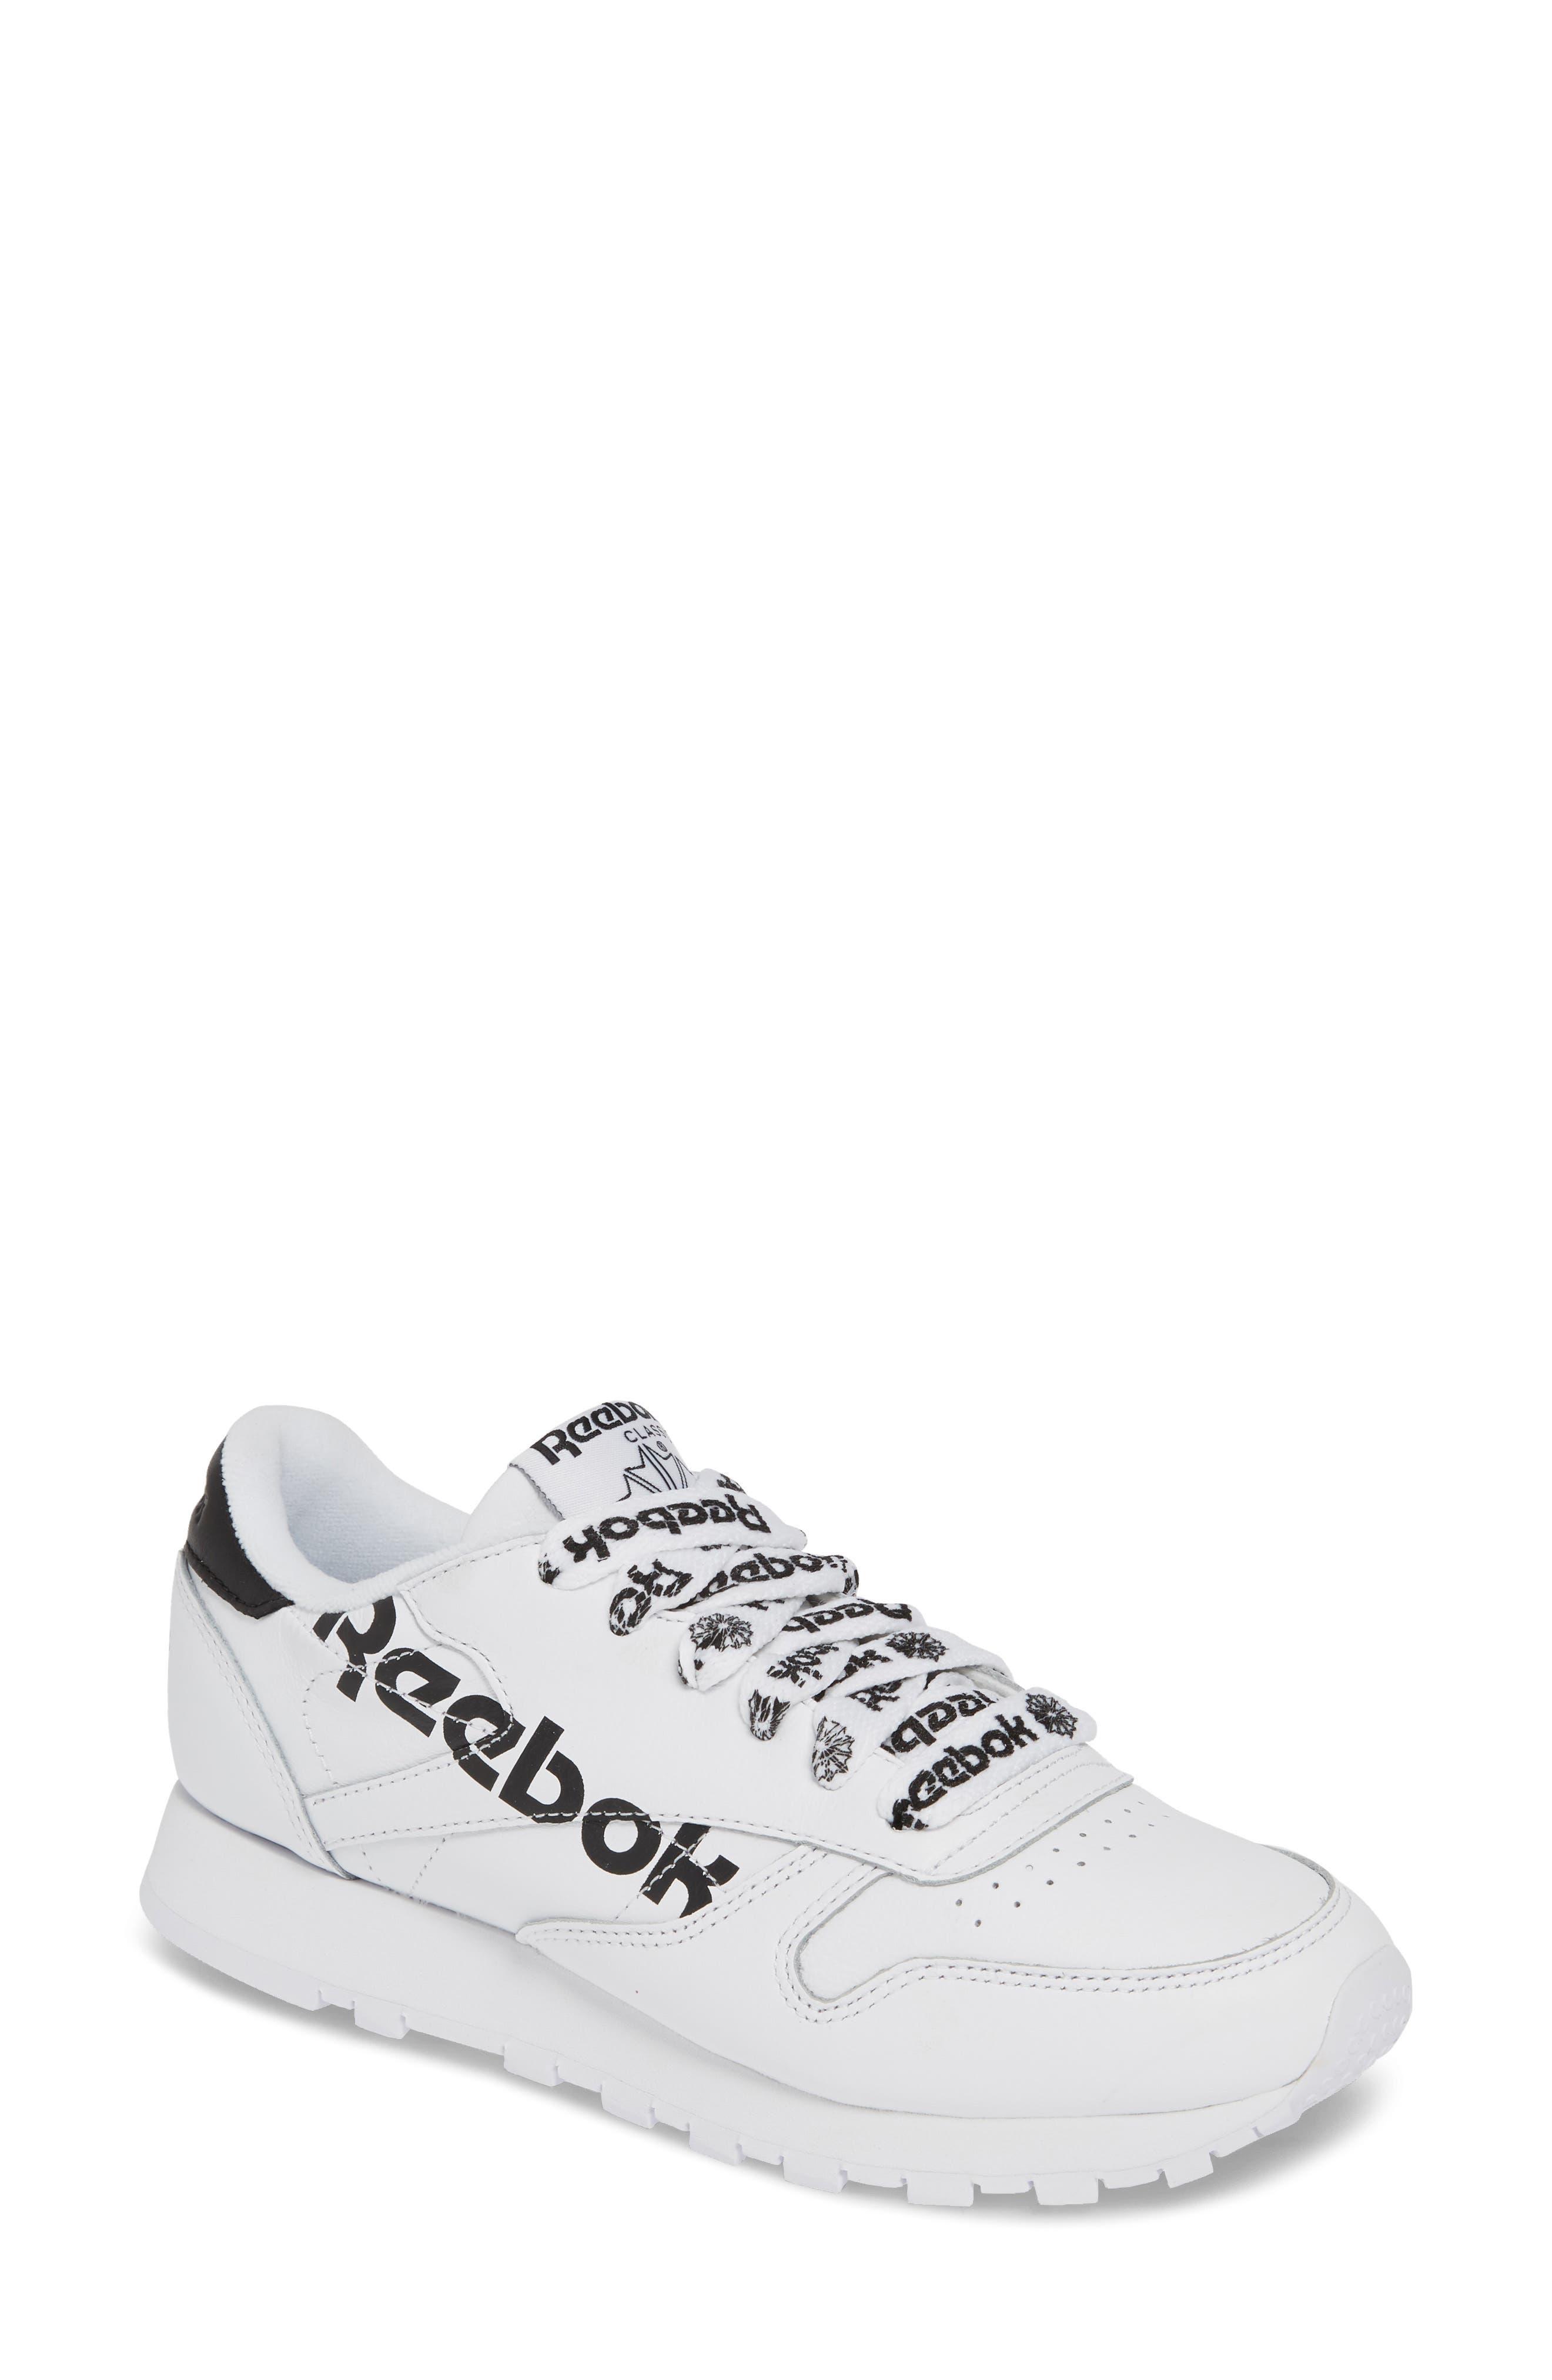 women's reebok classic leather sneaker